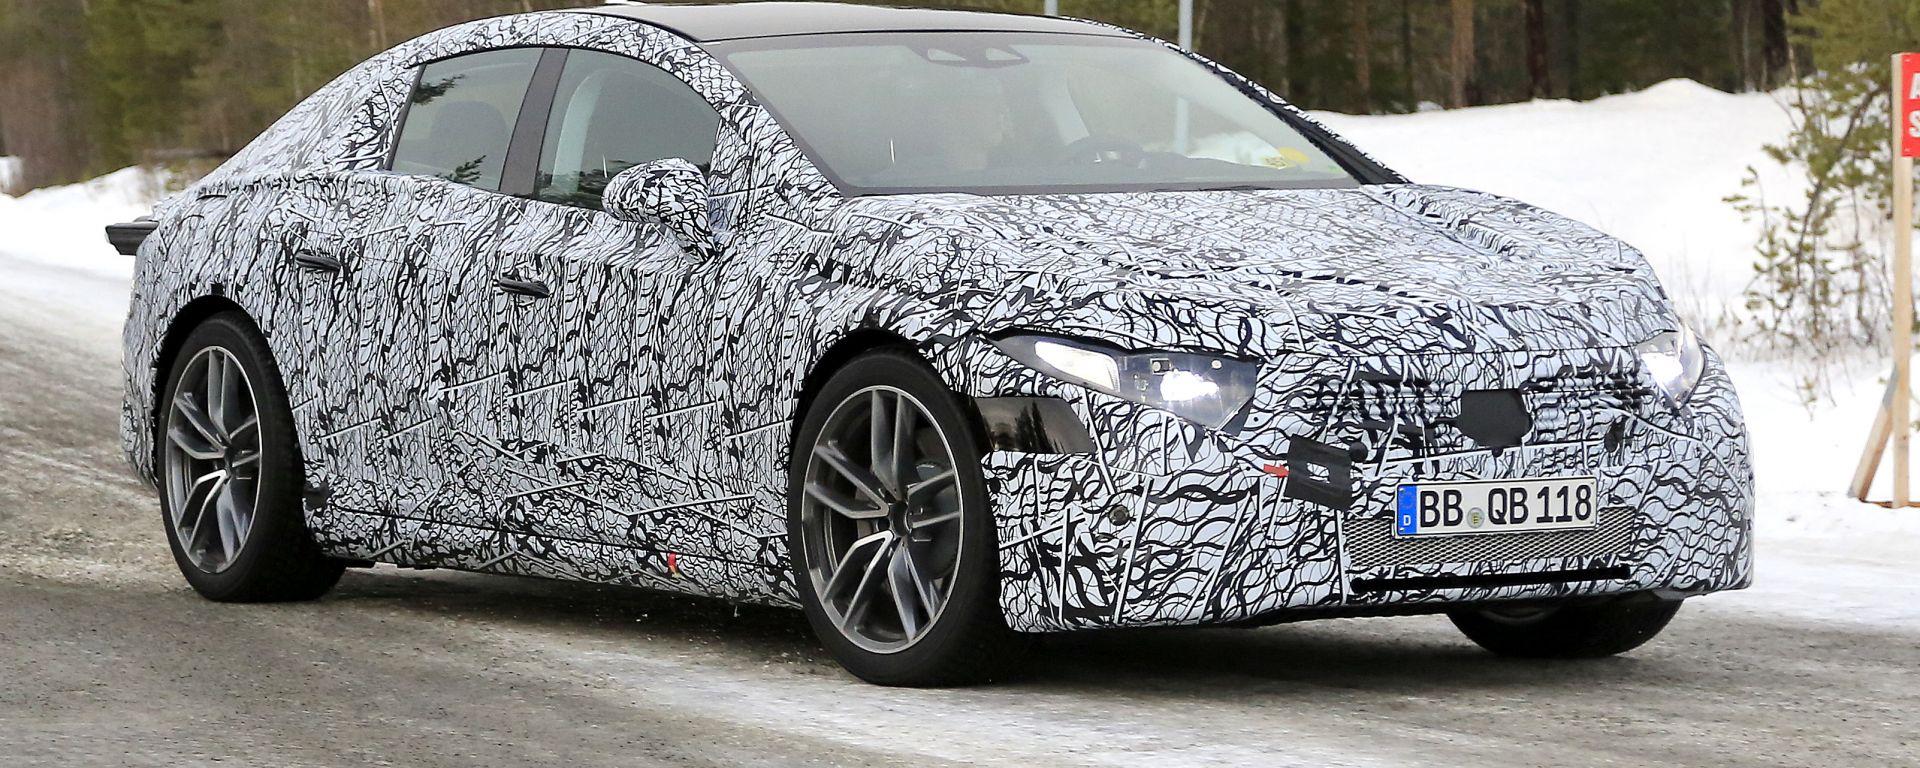 Mercedes EQS 2021: ammiraglia 100% elettrica